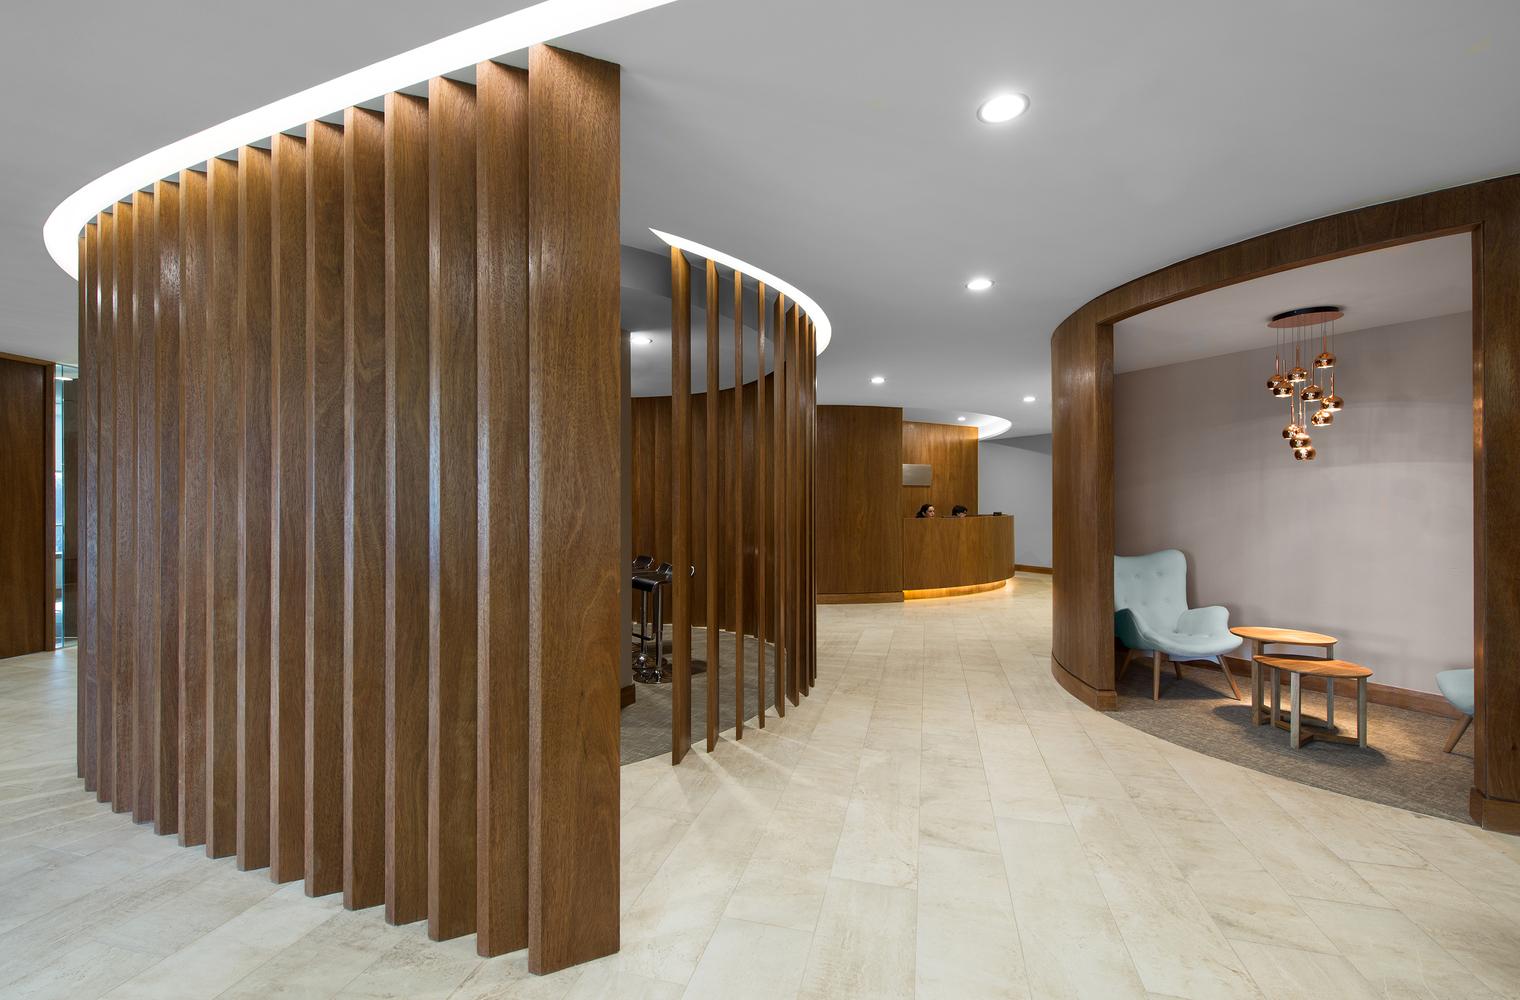 Galería de Interiorismo Oficinas Piso 17 Parque Titanium ...